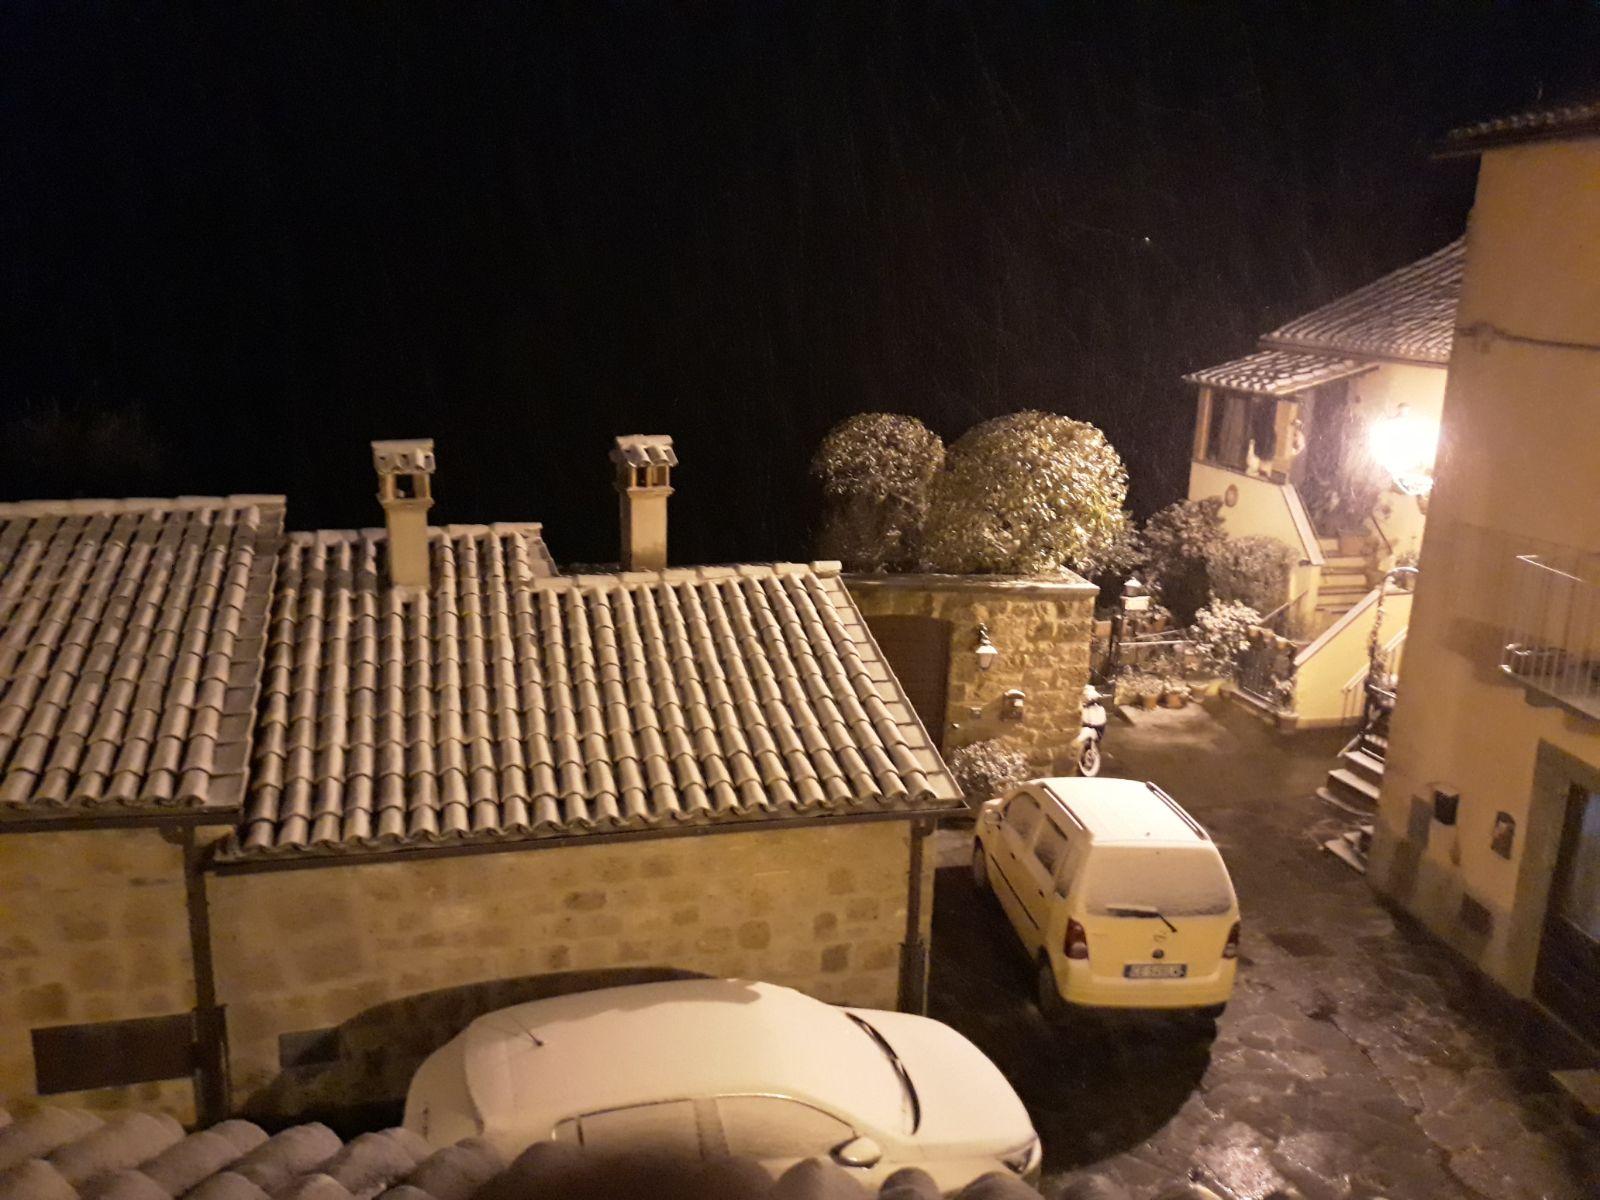 Tuscia, nevica su tutta la Teverina, ecco uno scorcio della fotogenica Bagnoregio